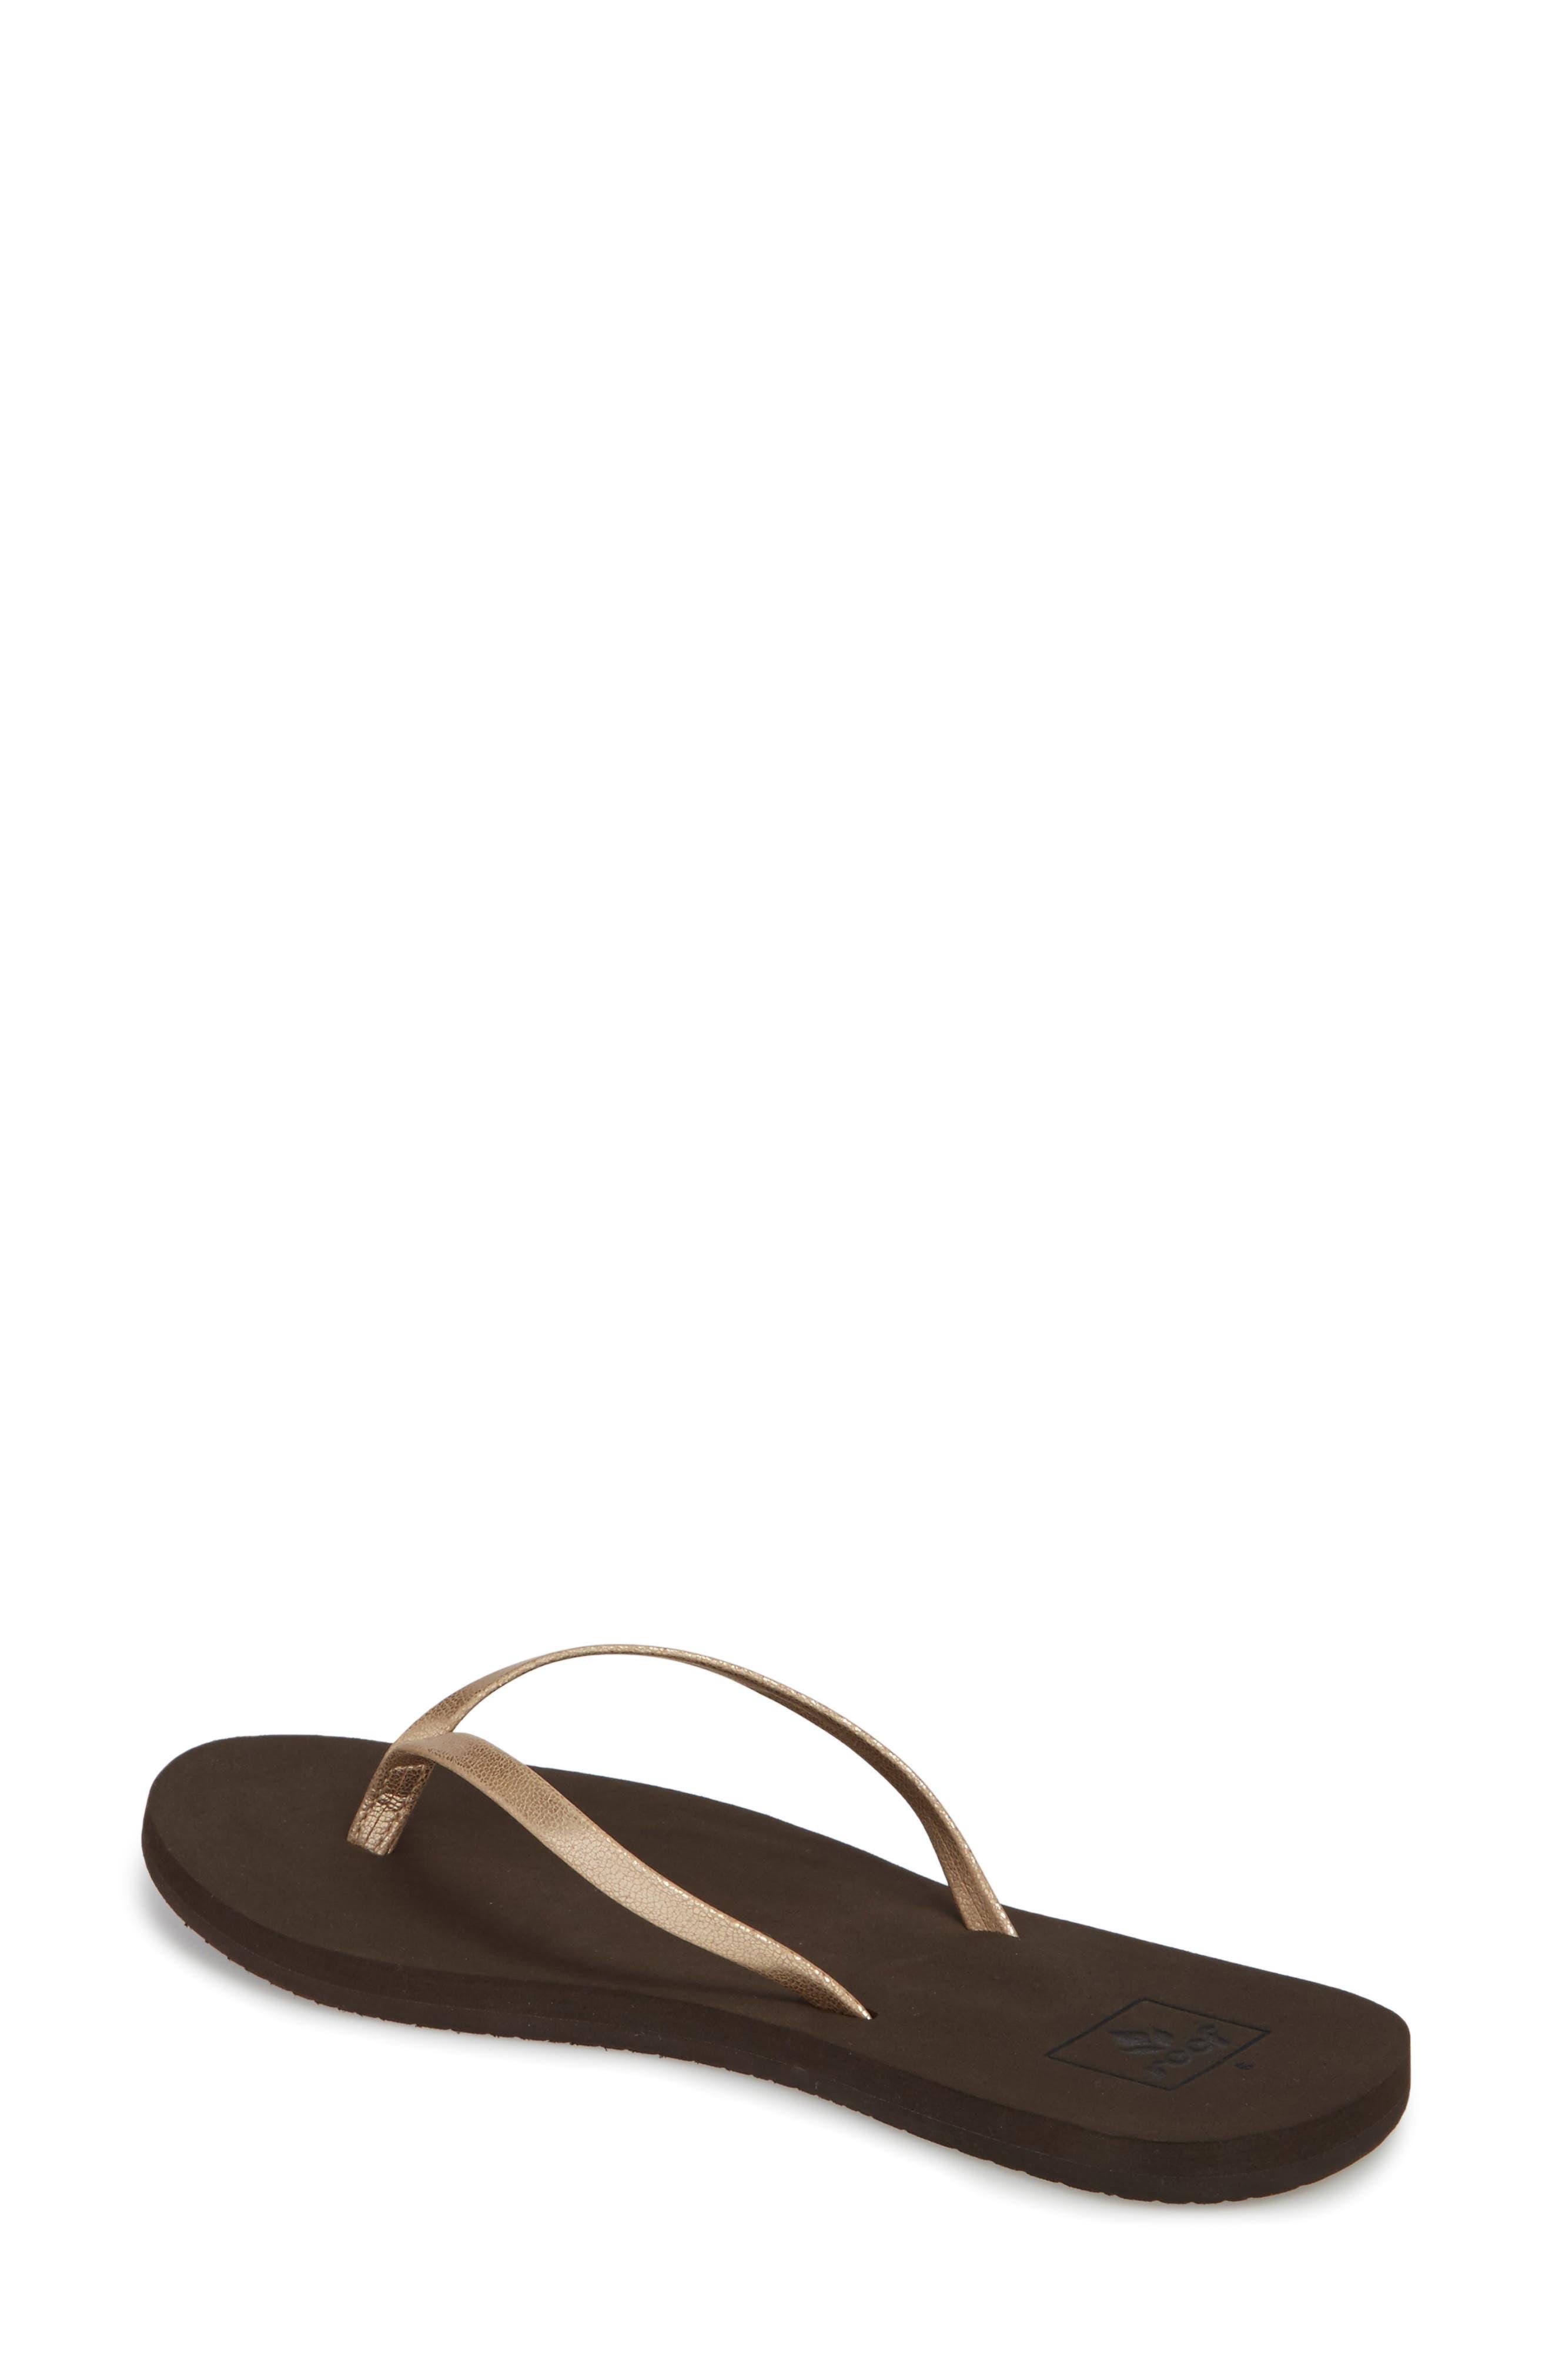 7065a2a46a13 Women s Reef Sandals